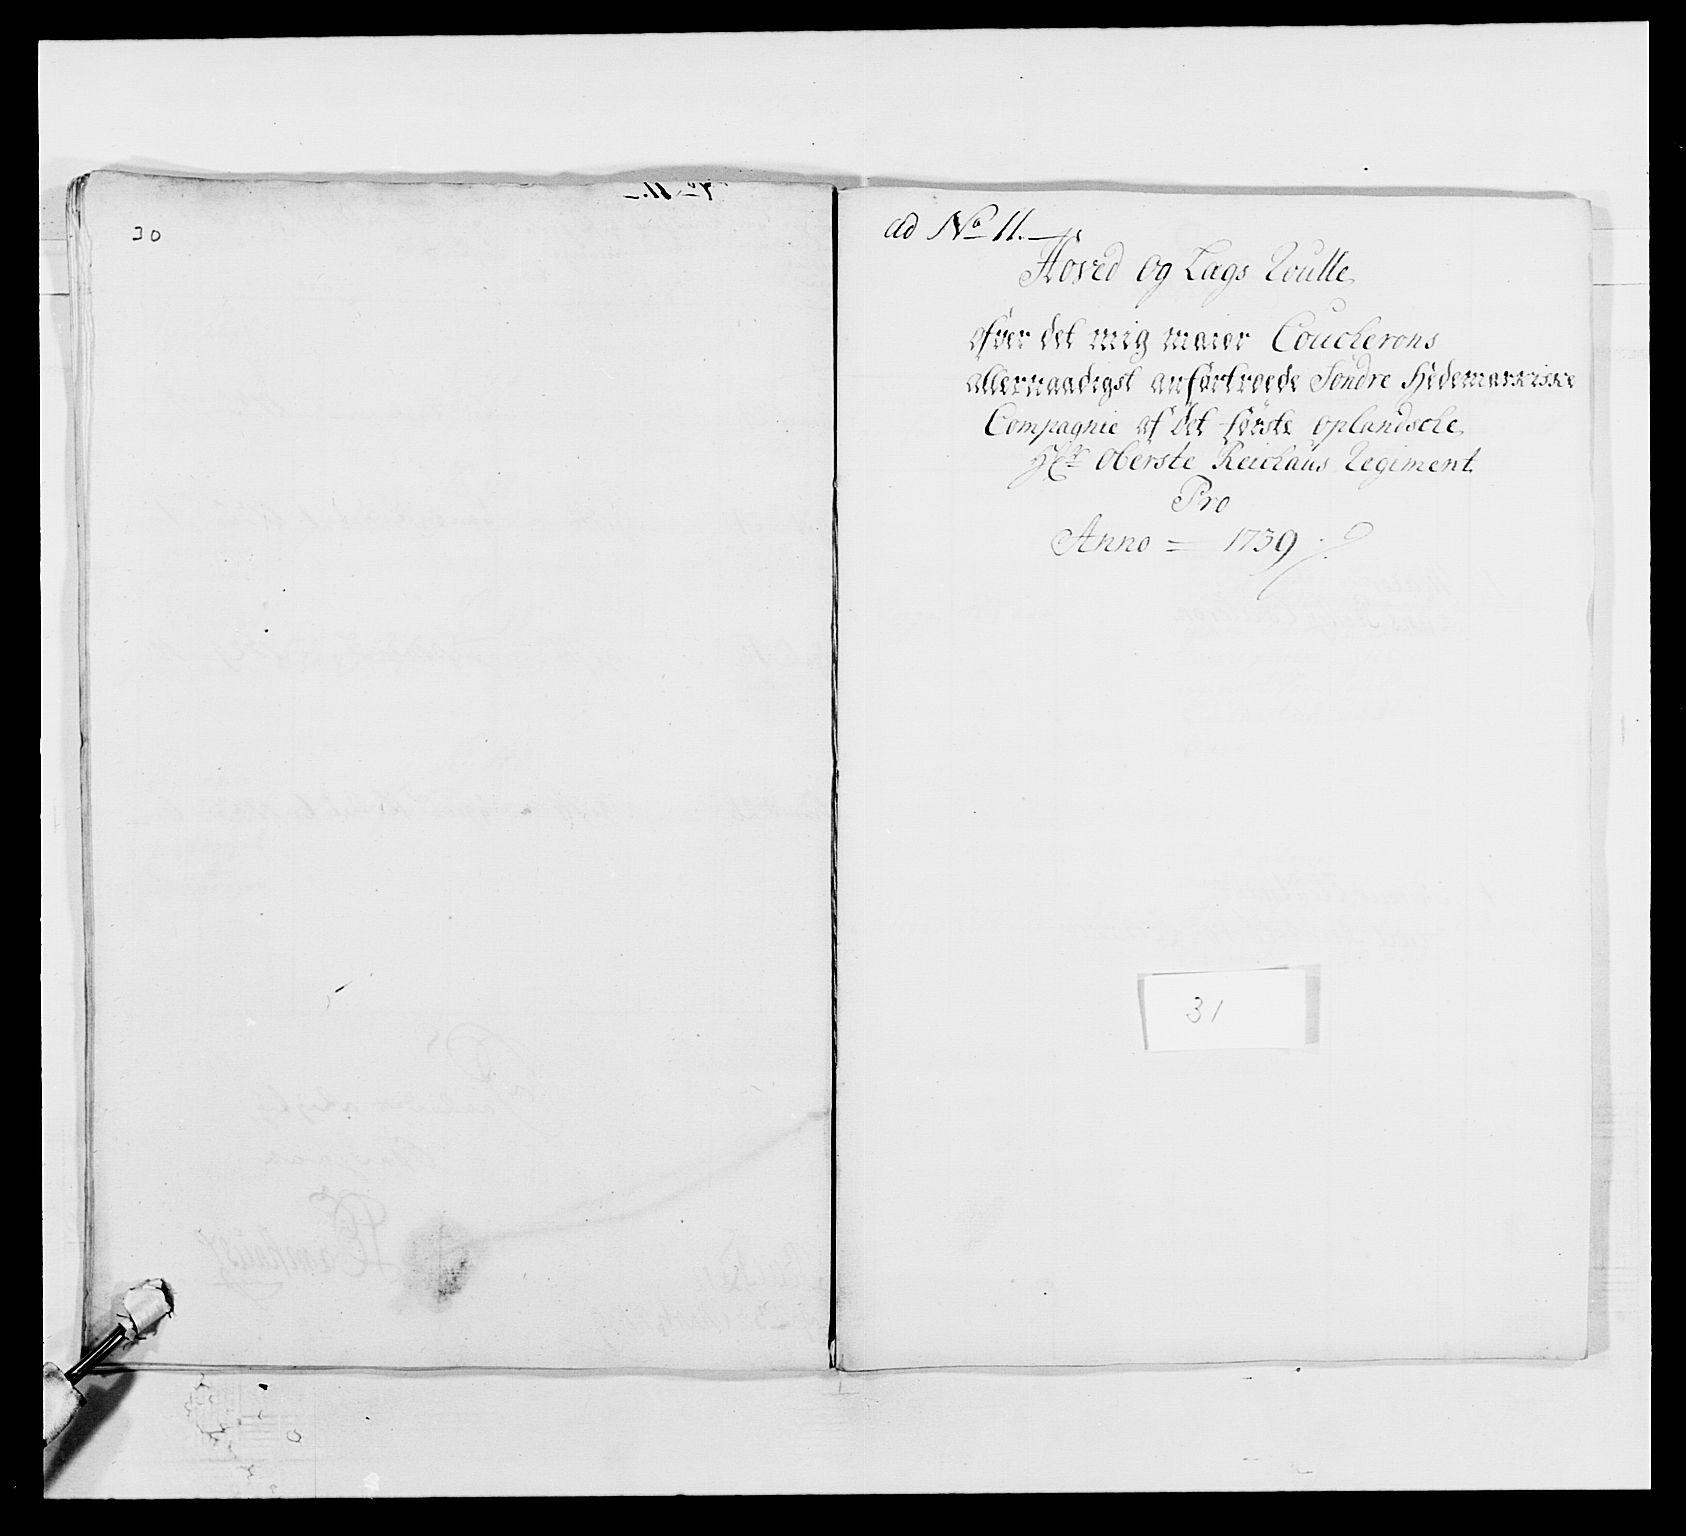 RA, Kommanderende general (KG I) med Det norske krigsdirektorium, E/Ea/L0502: 1. Opplandske regiment, 1720-1743, s. 393